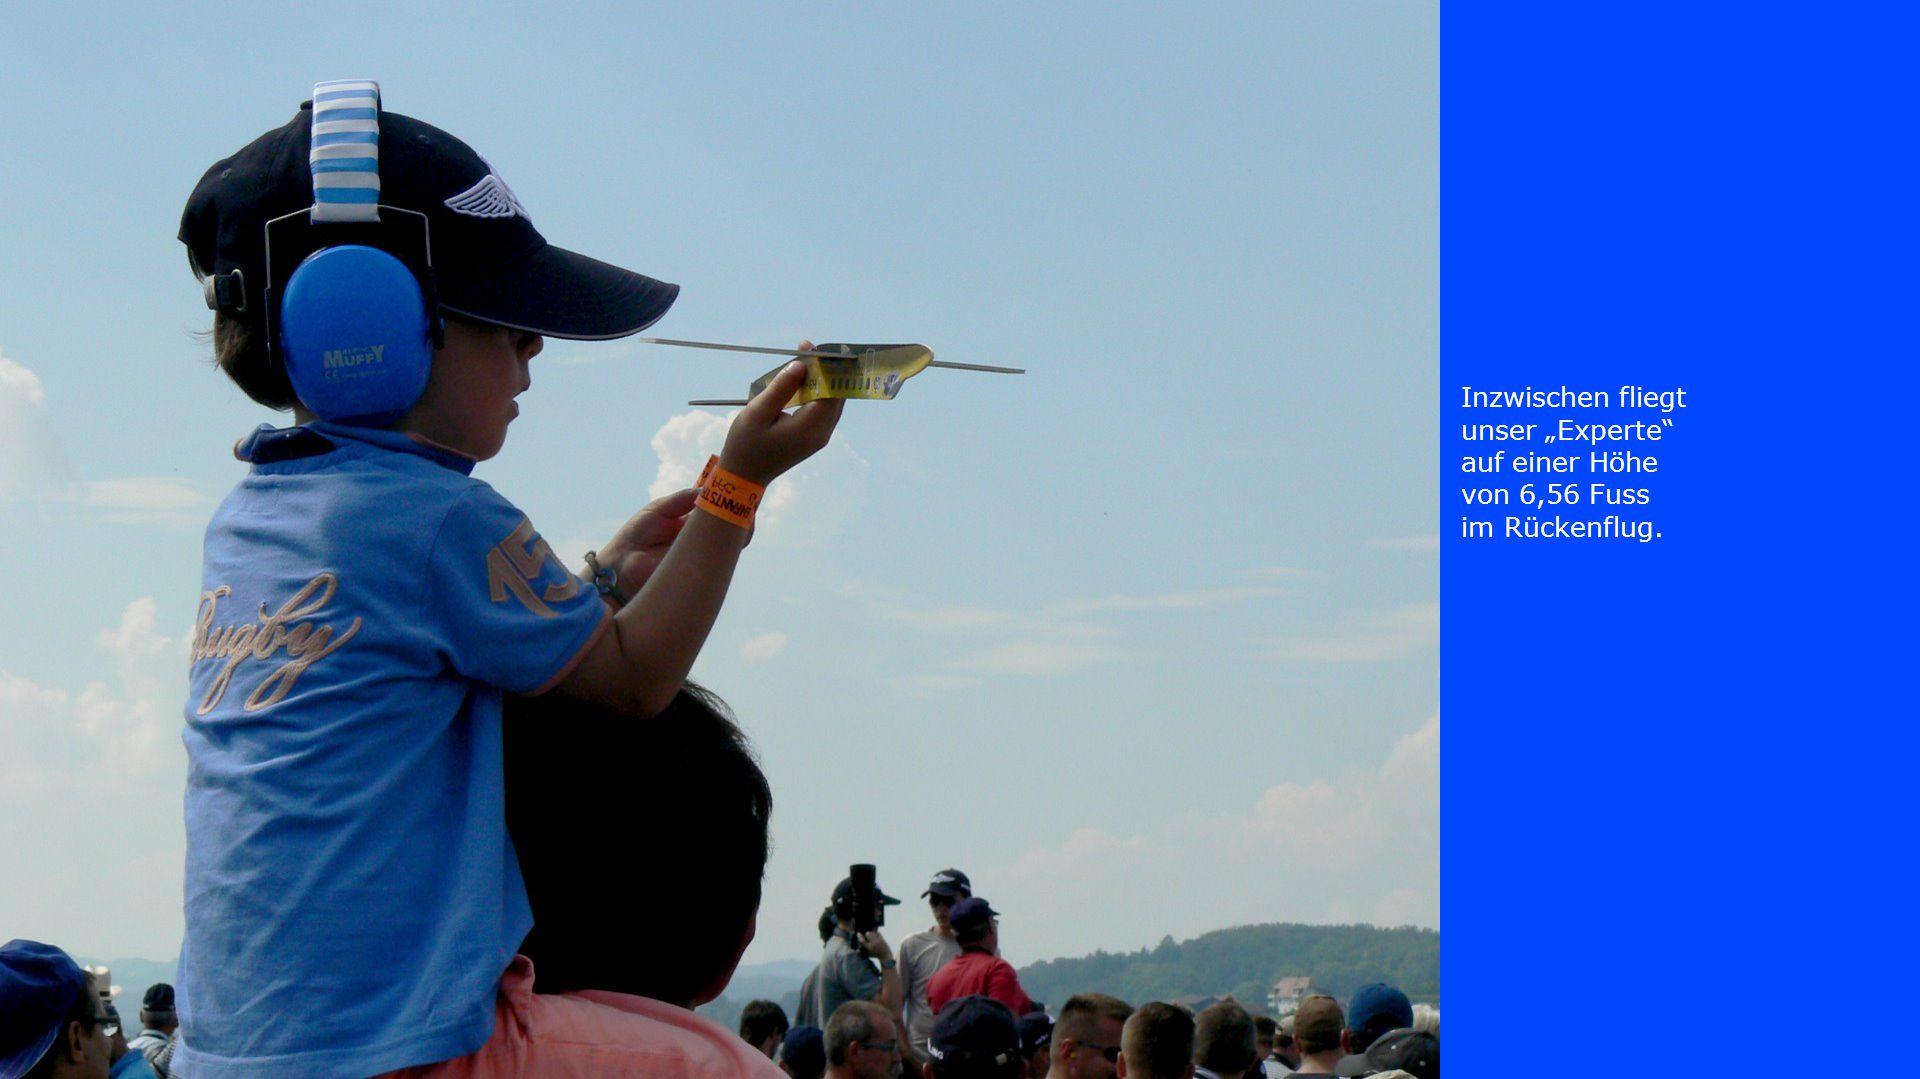 """Inzwischen fliegt unser """"Experte"""" auf einer Höhe von 6,56 Fuss im Rückenflug."""